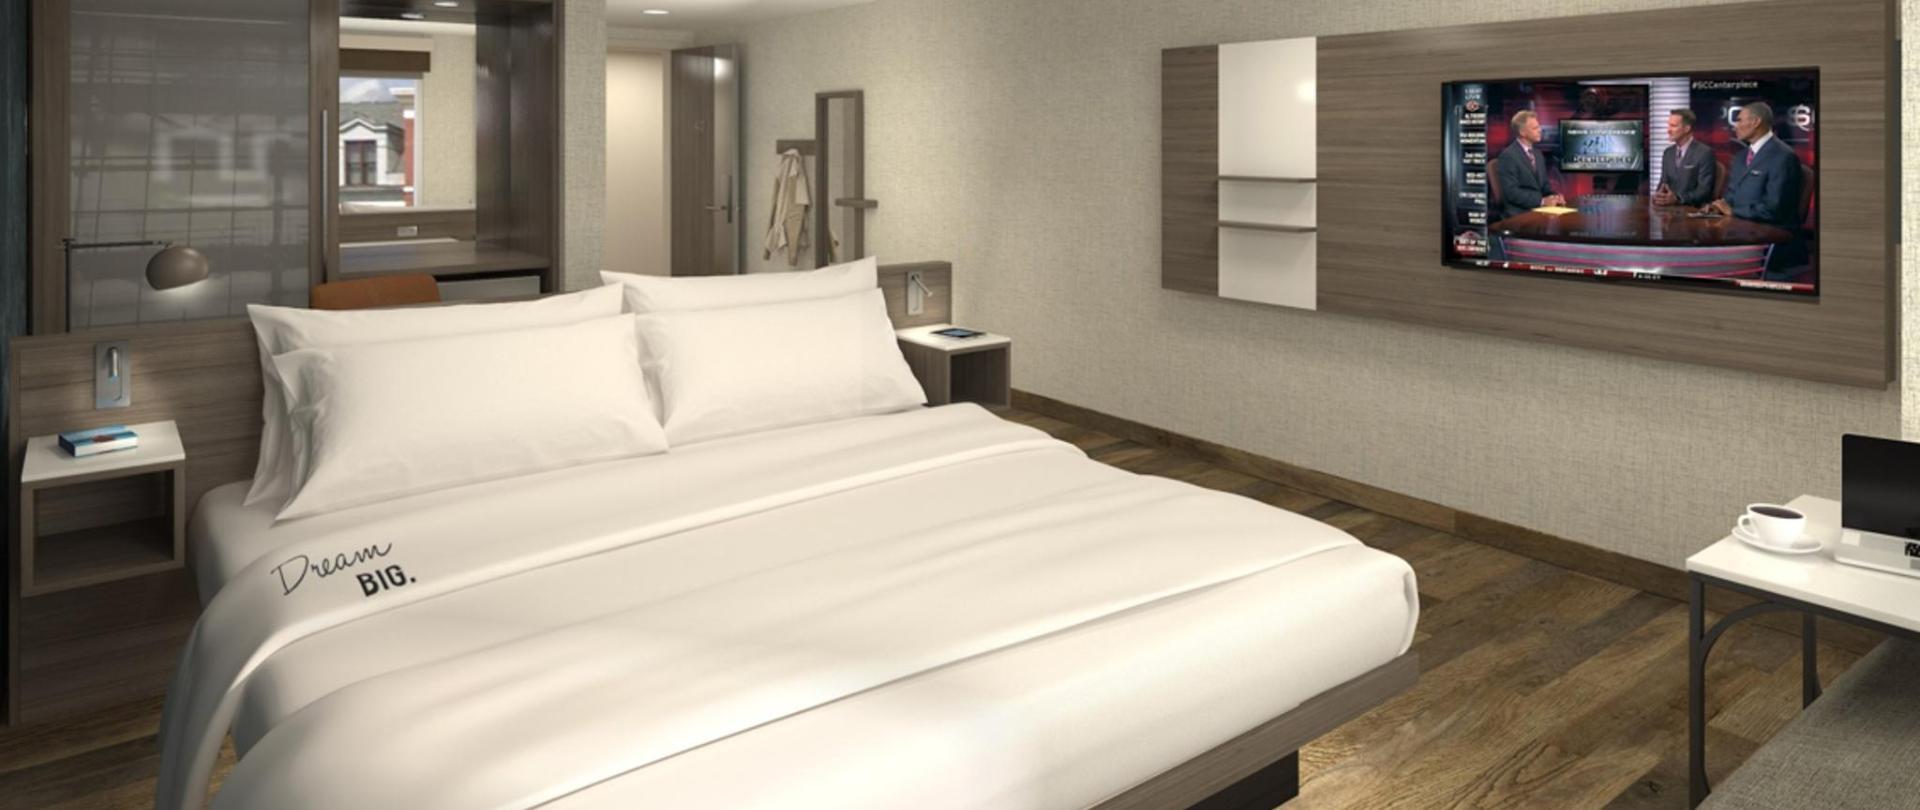 NJ313 Guestroom2.PNG